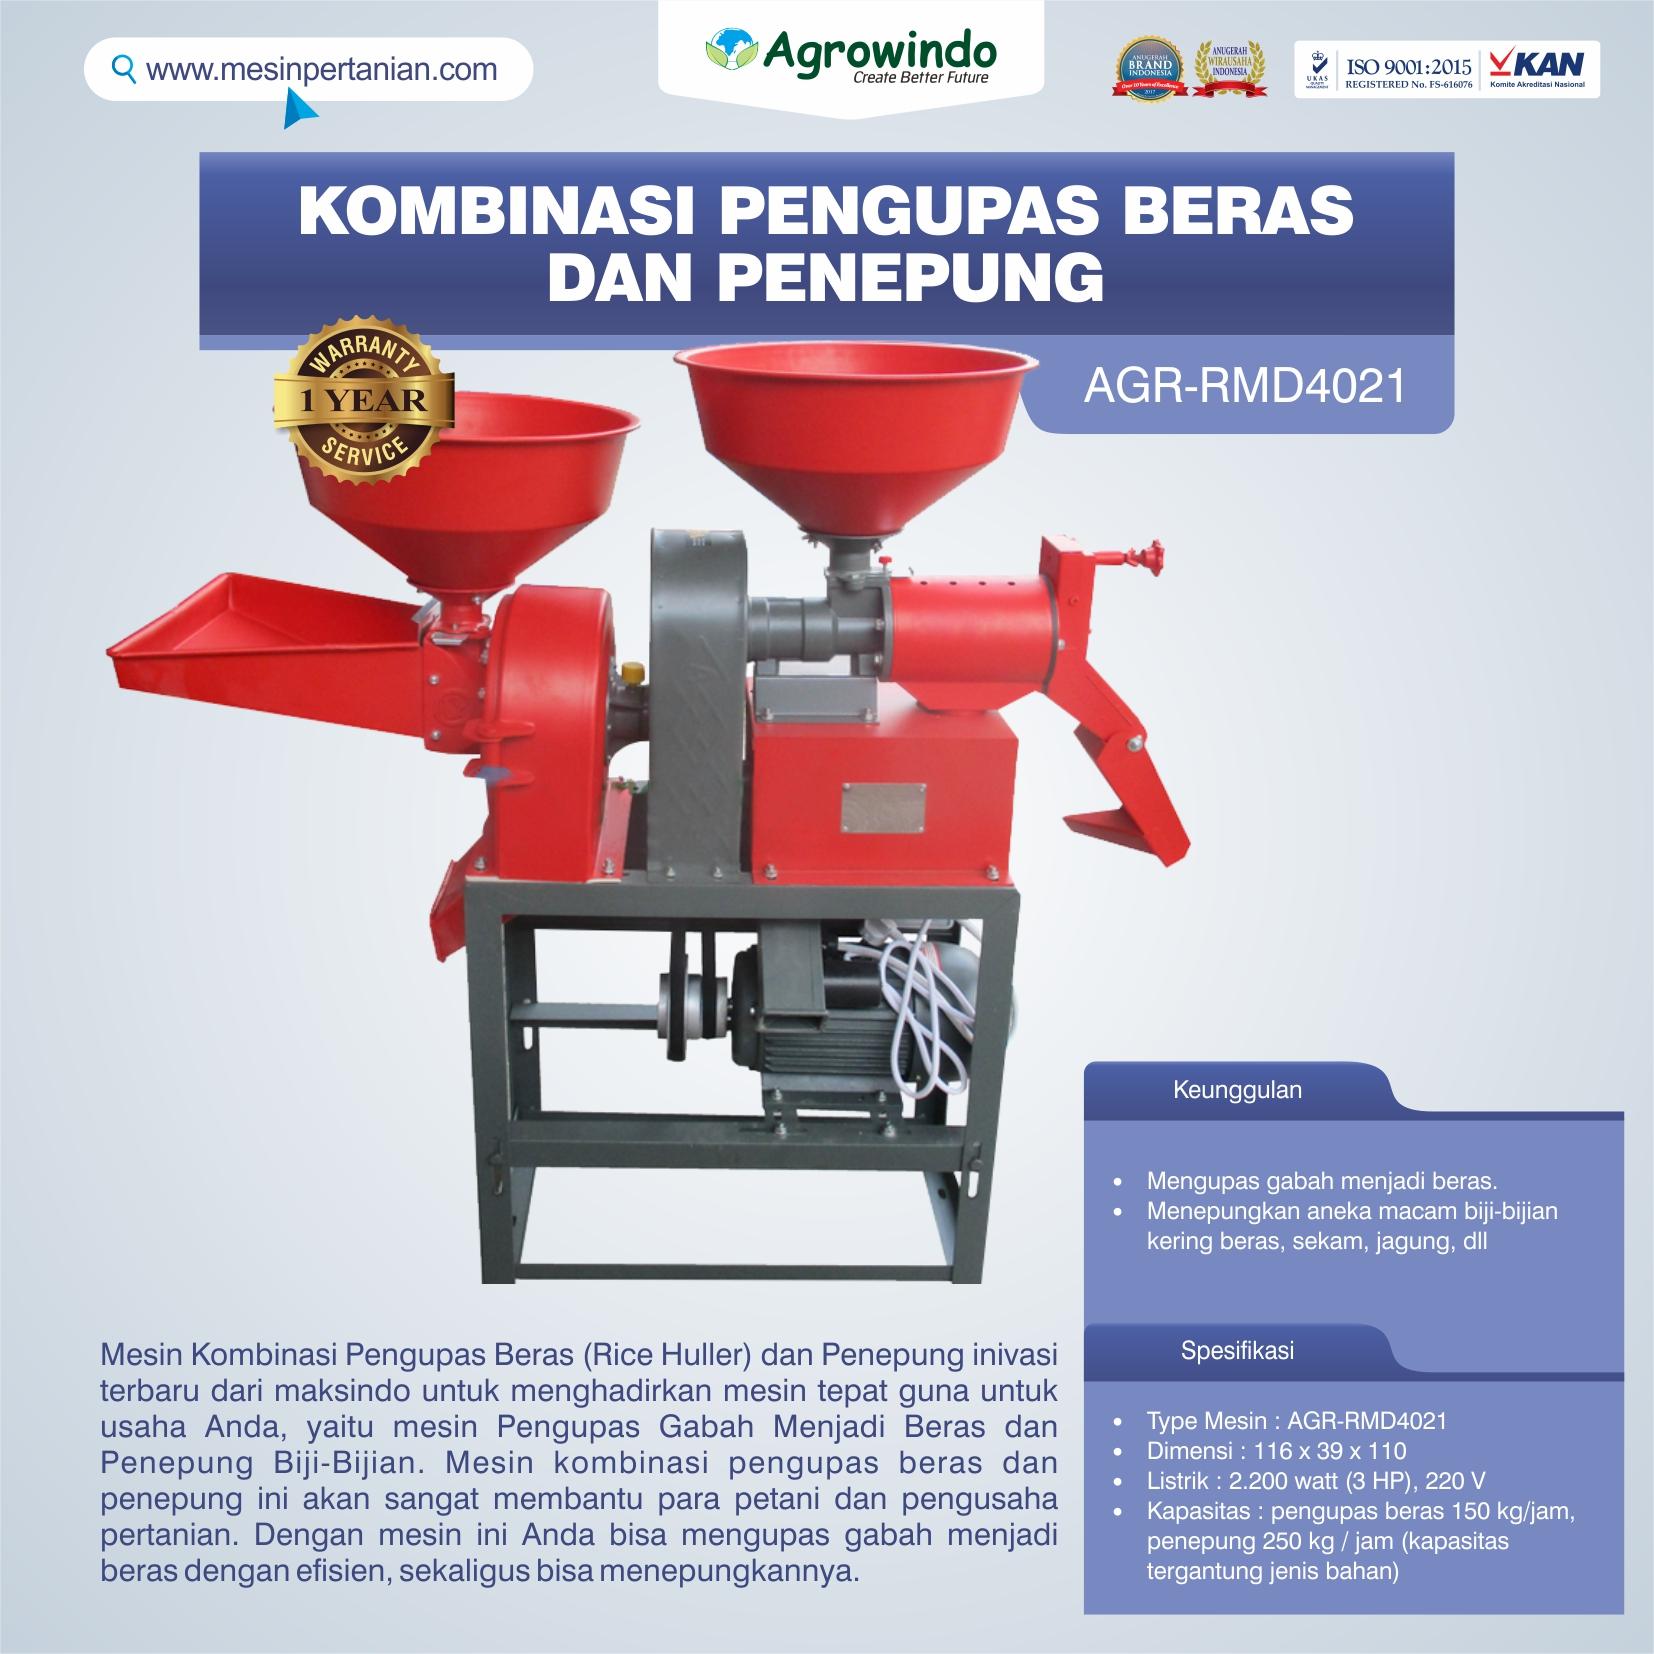 Jual Kombinasi Pengupas Beras dan Penepung di Bandung